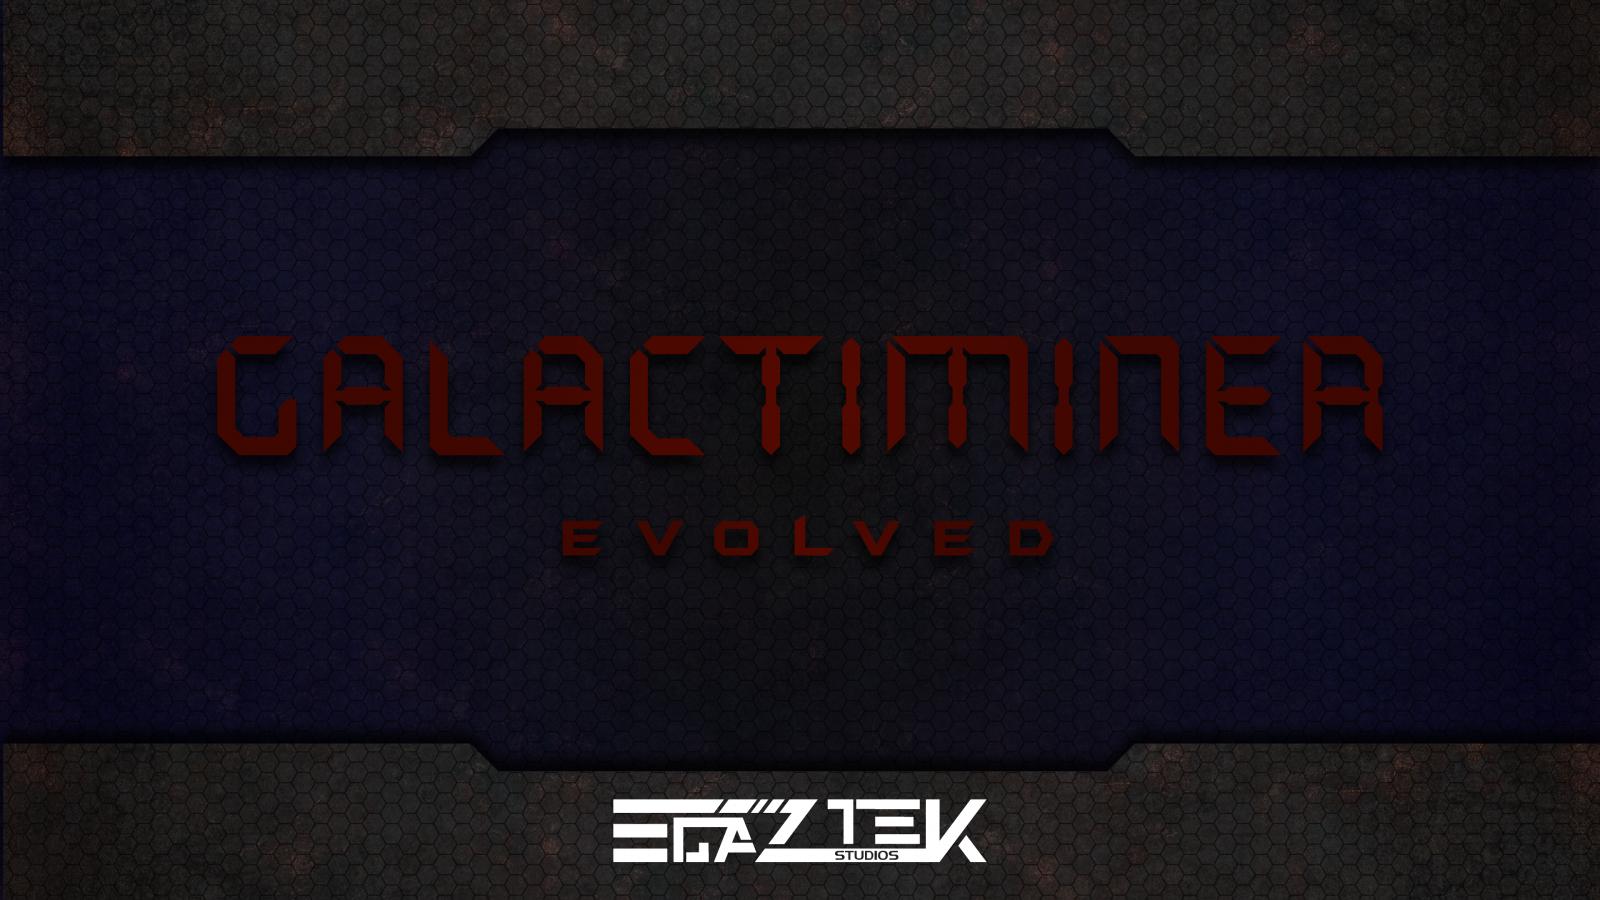 galactiminer_evolved_bg_4k.png